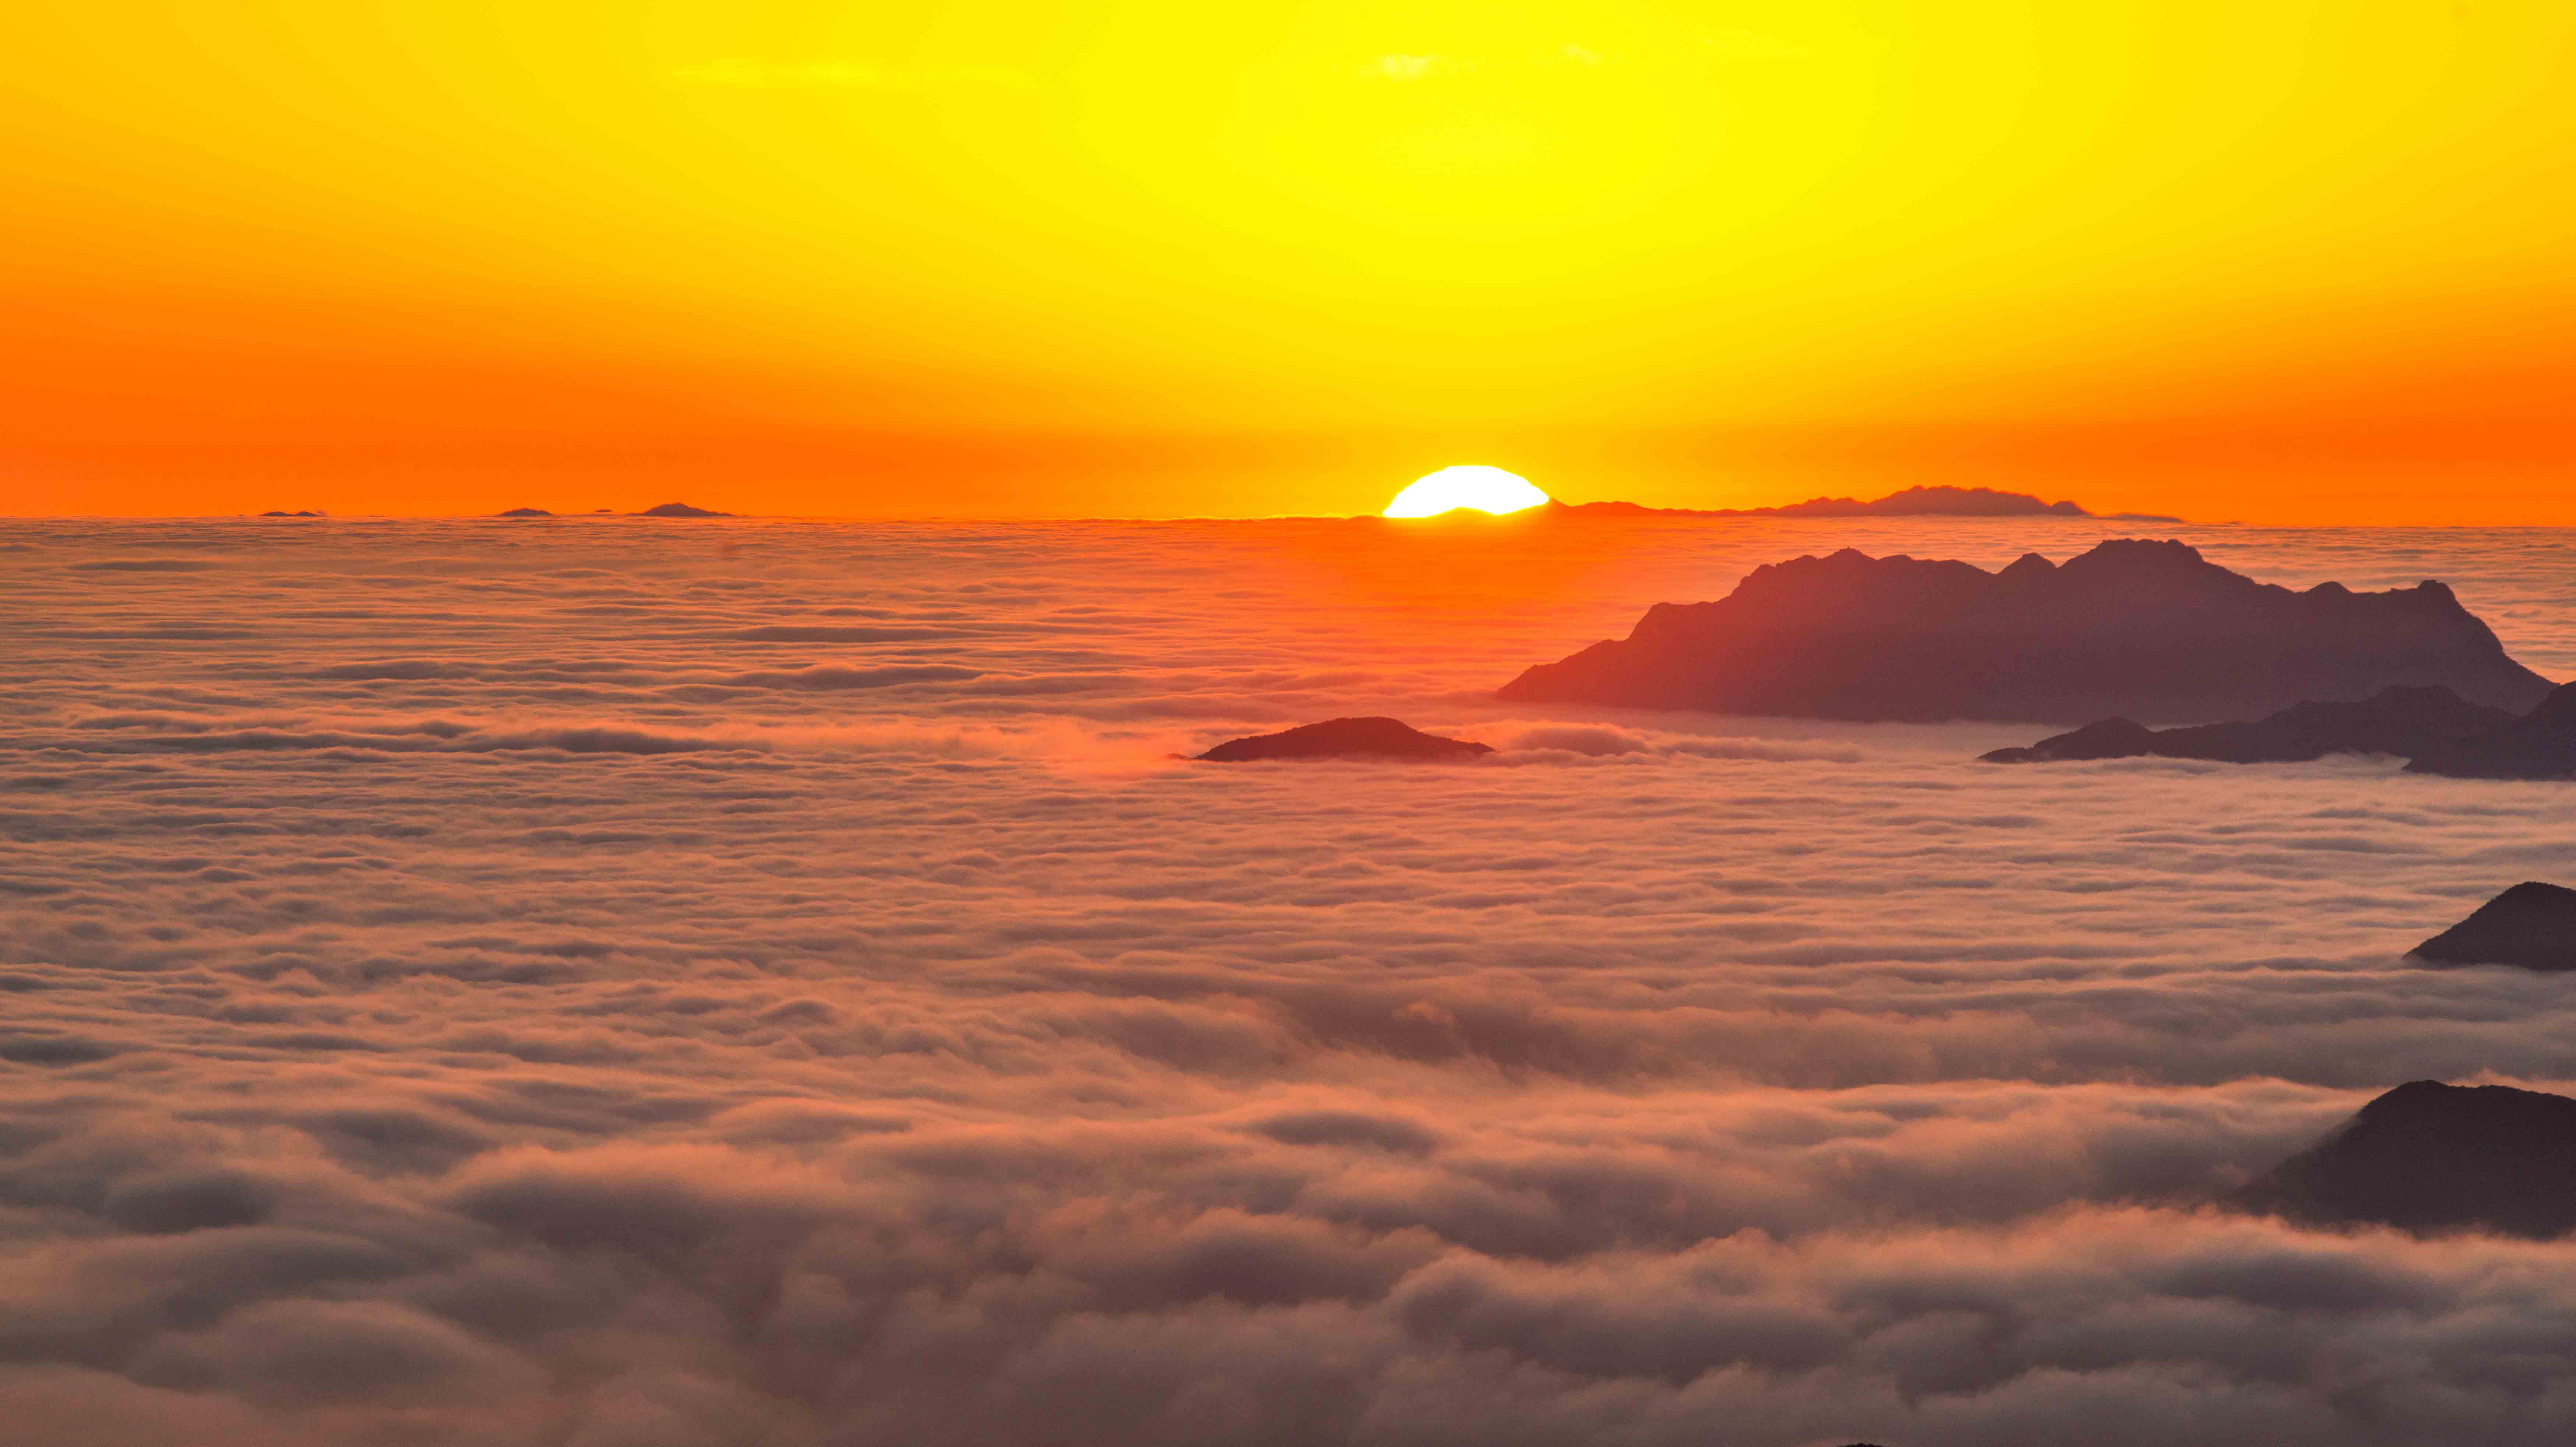 广东看日出最美的地方,这里的云海比黄山云海还美,堪称人间仙境